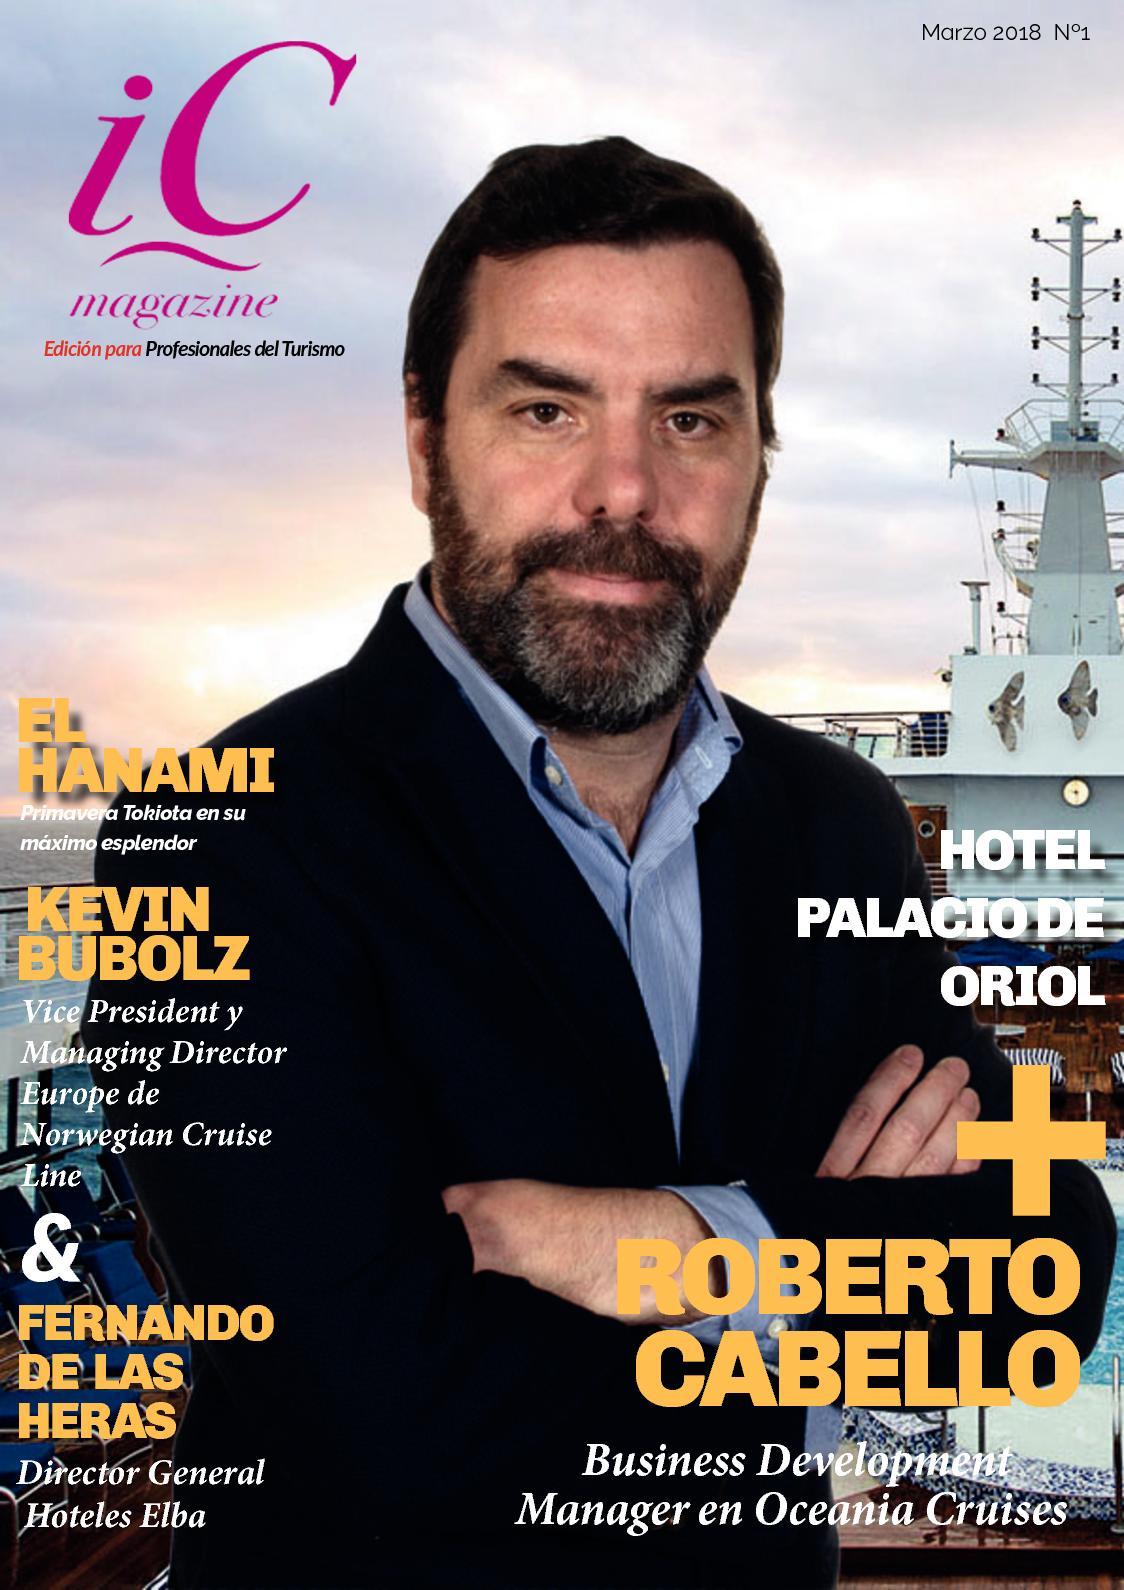 Revista turismo Icmagazine